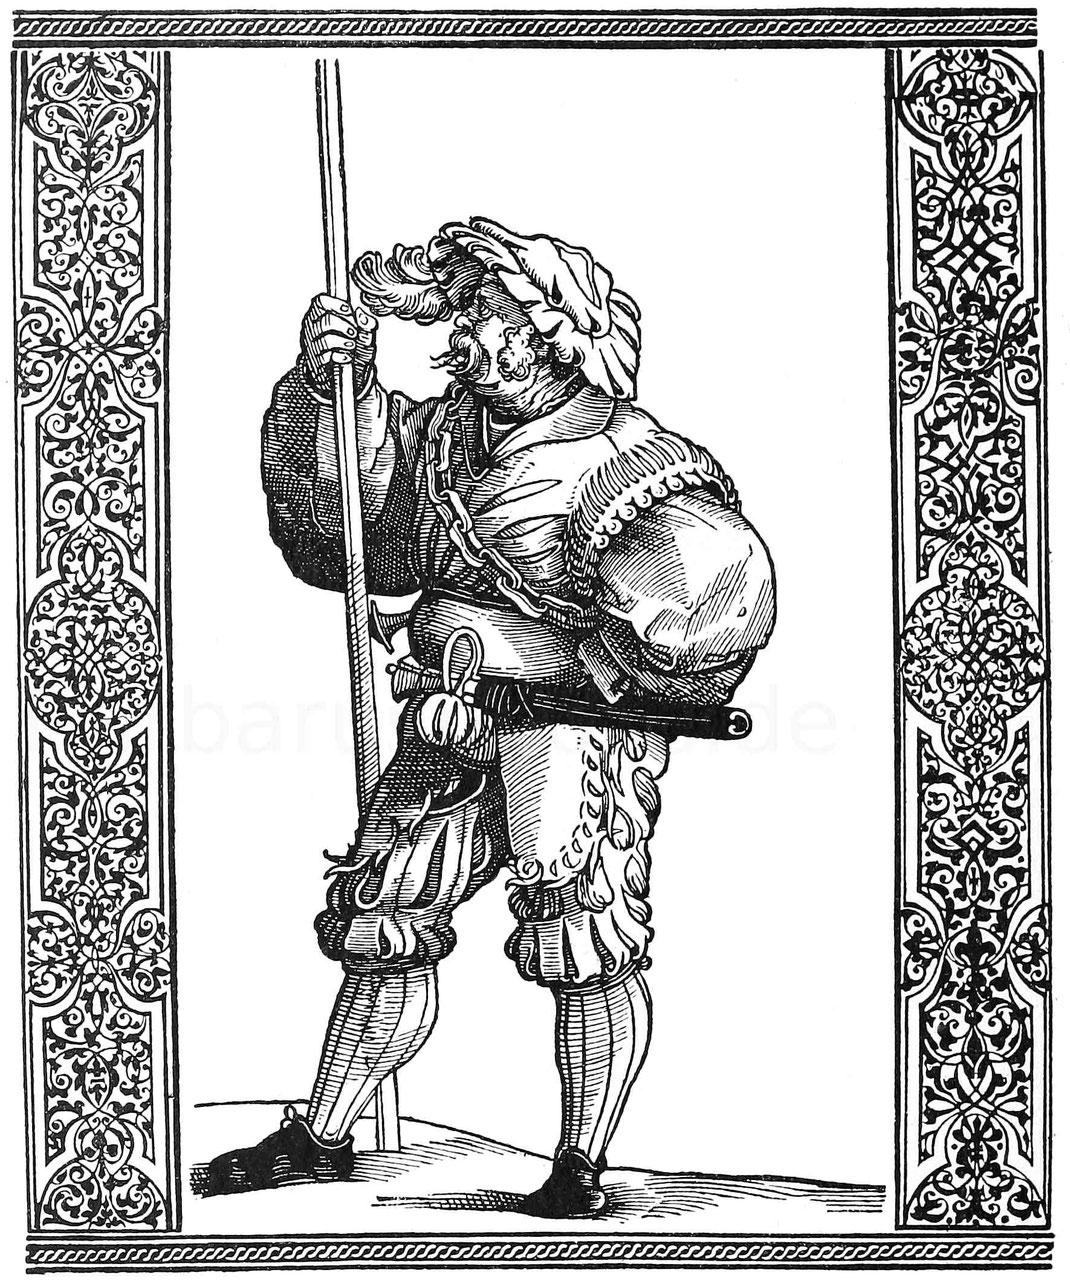 Stoffel Allwegwol. Holzschnitt von Peter Flötner. Aus Breunner-Enckevort, Kriegsvölker 1883.